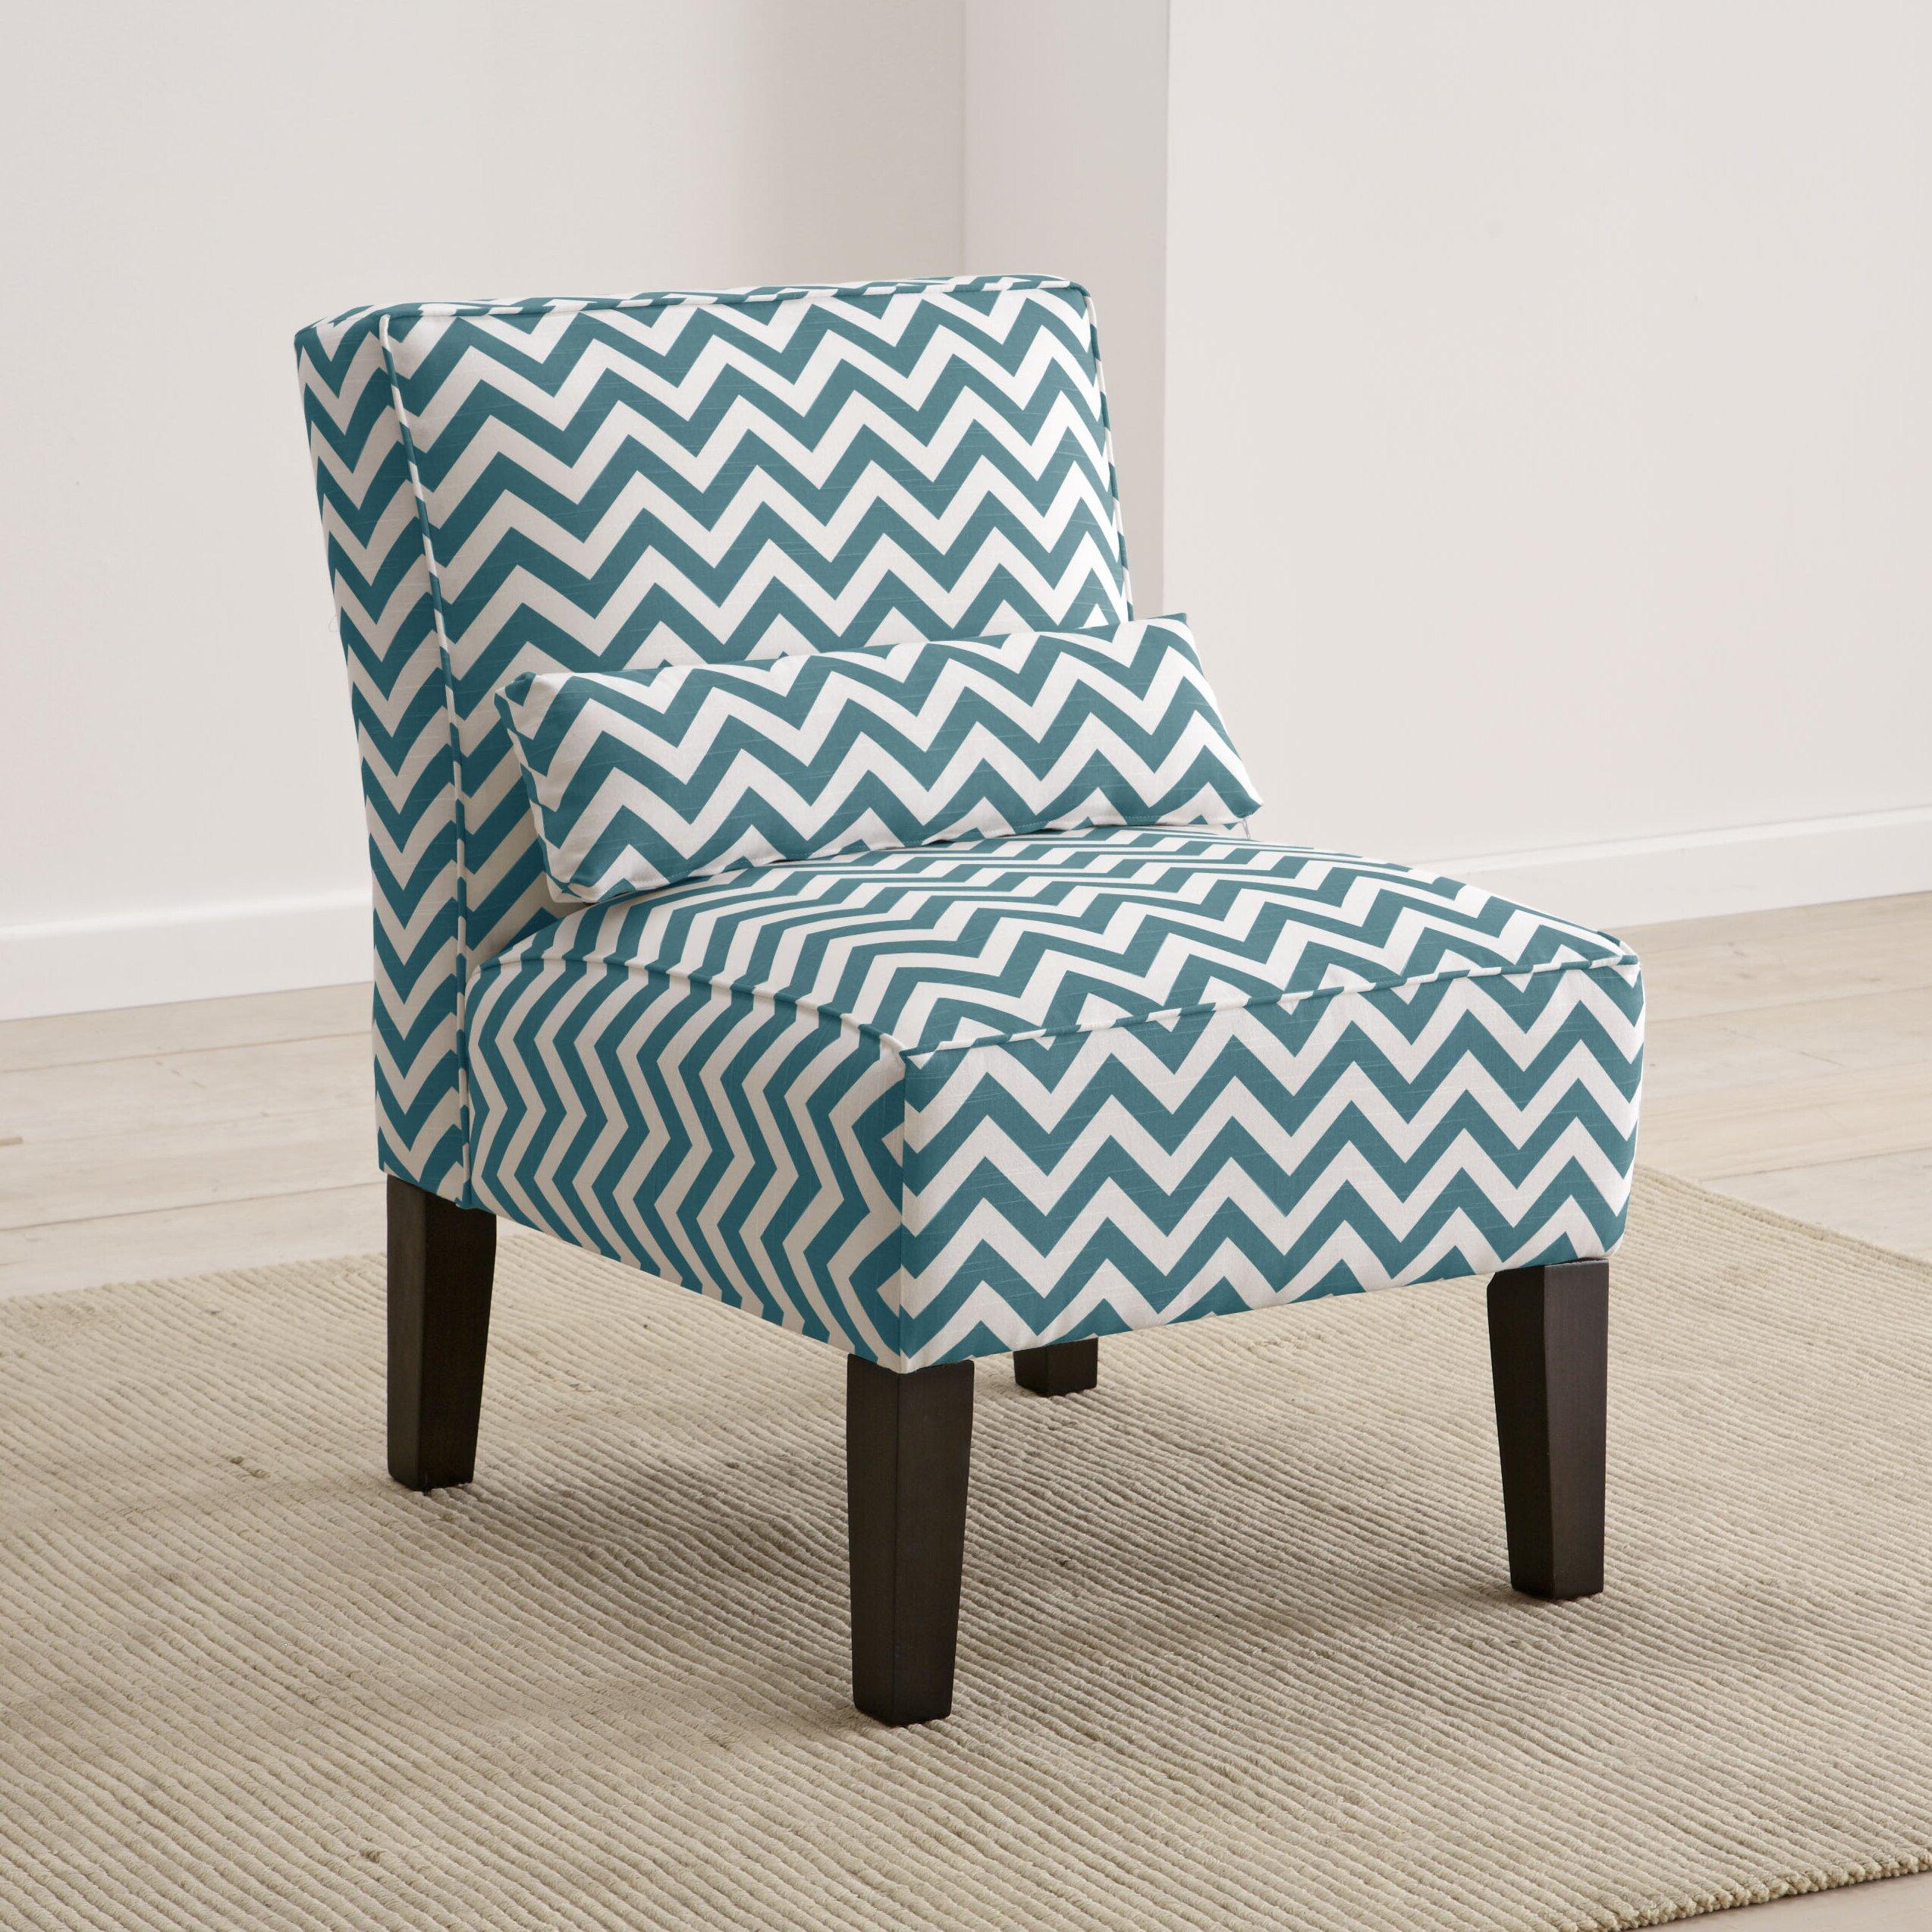 Brayden studio cloverdale upholstered slipper chair for Slipper chair